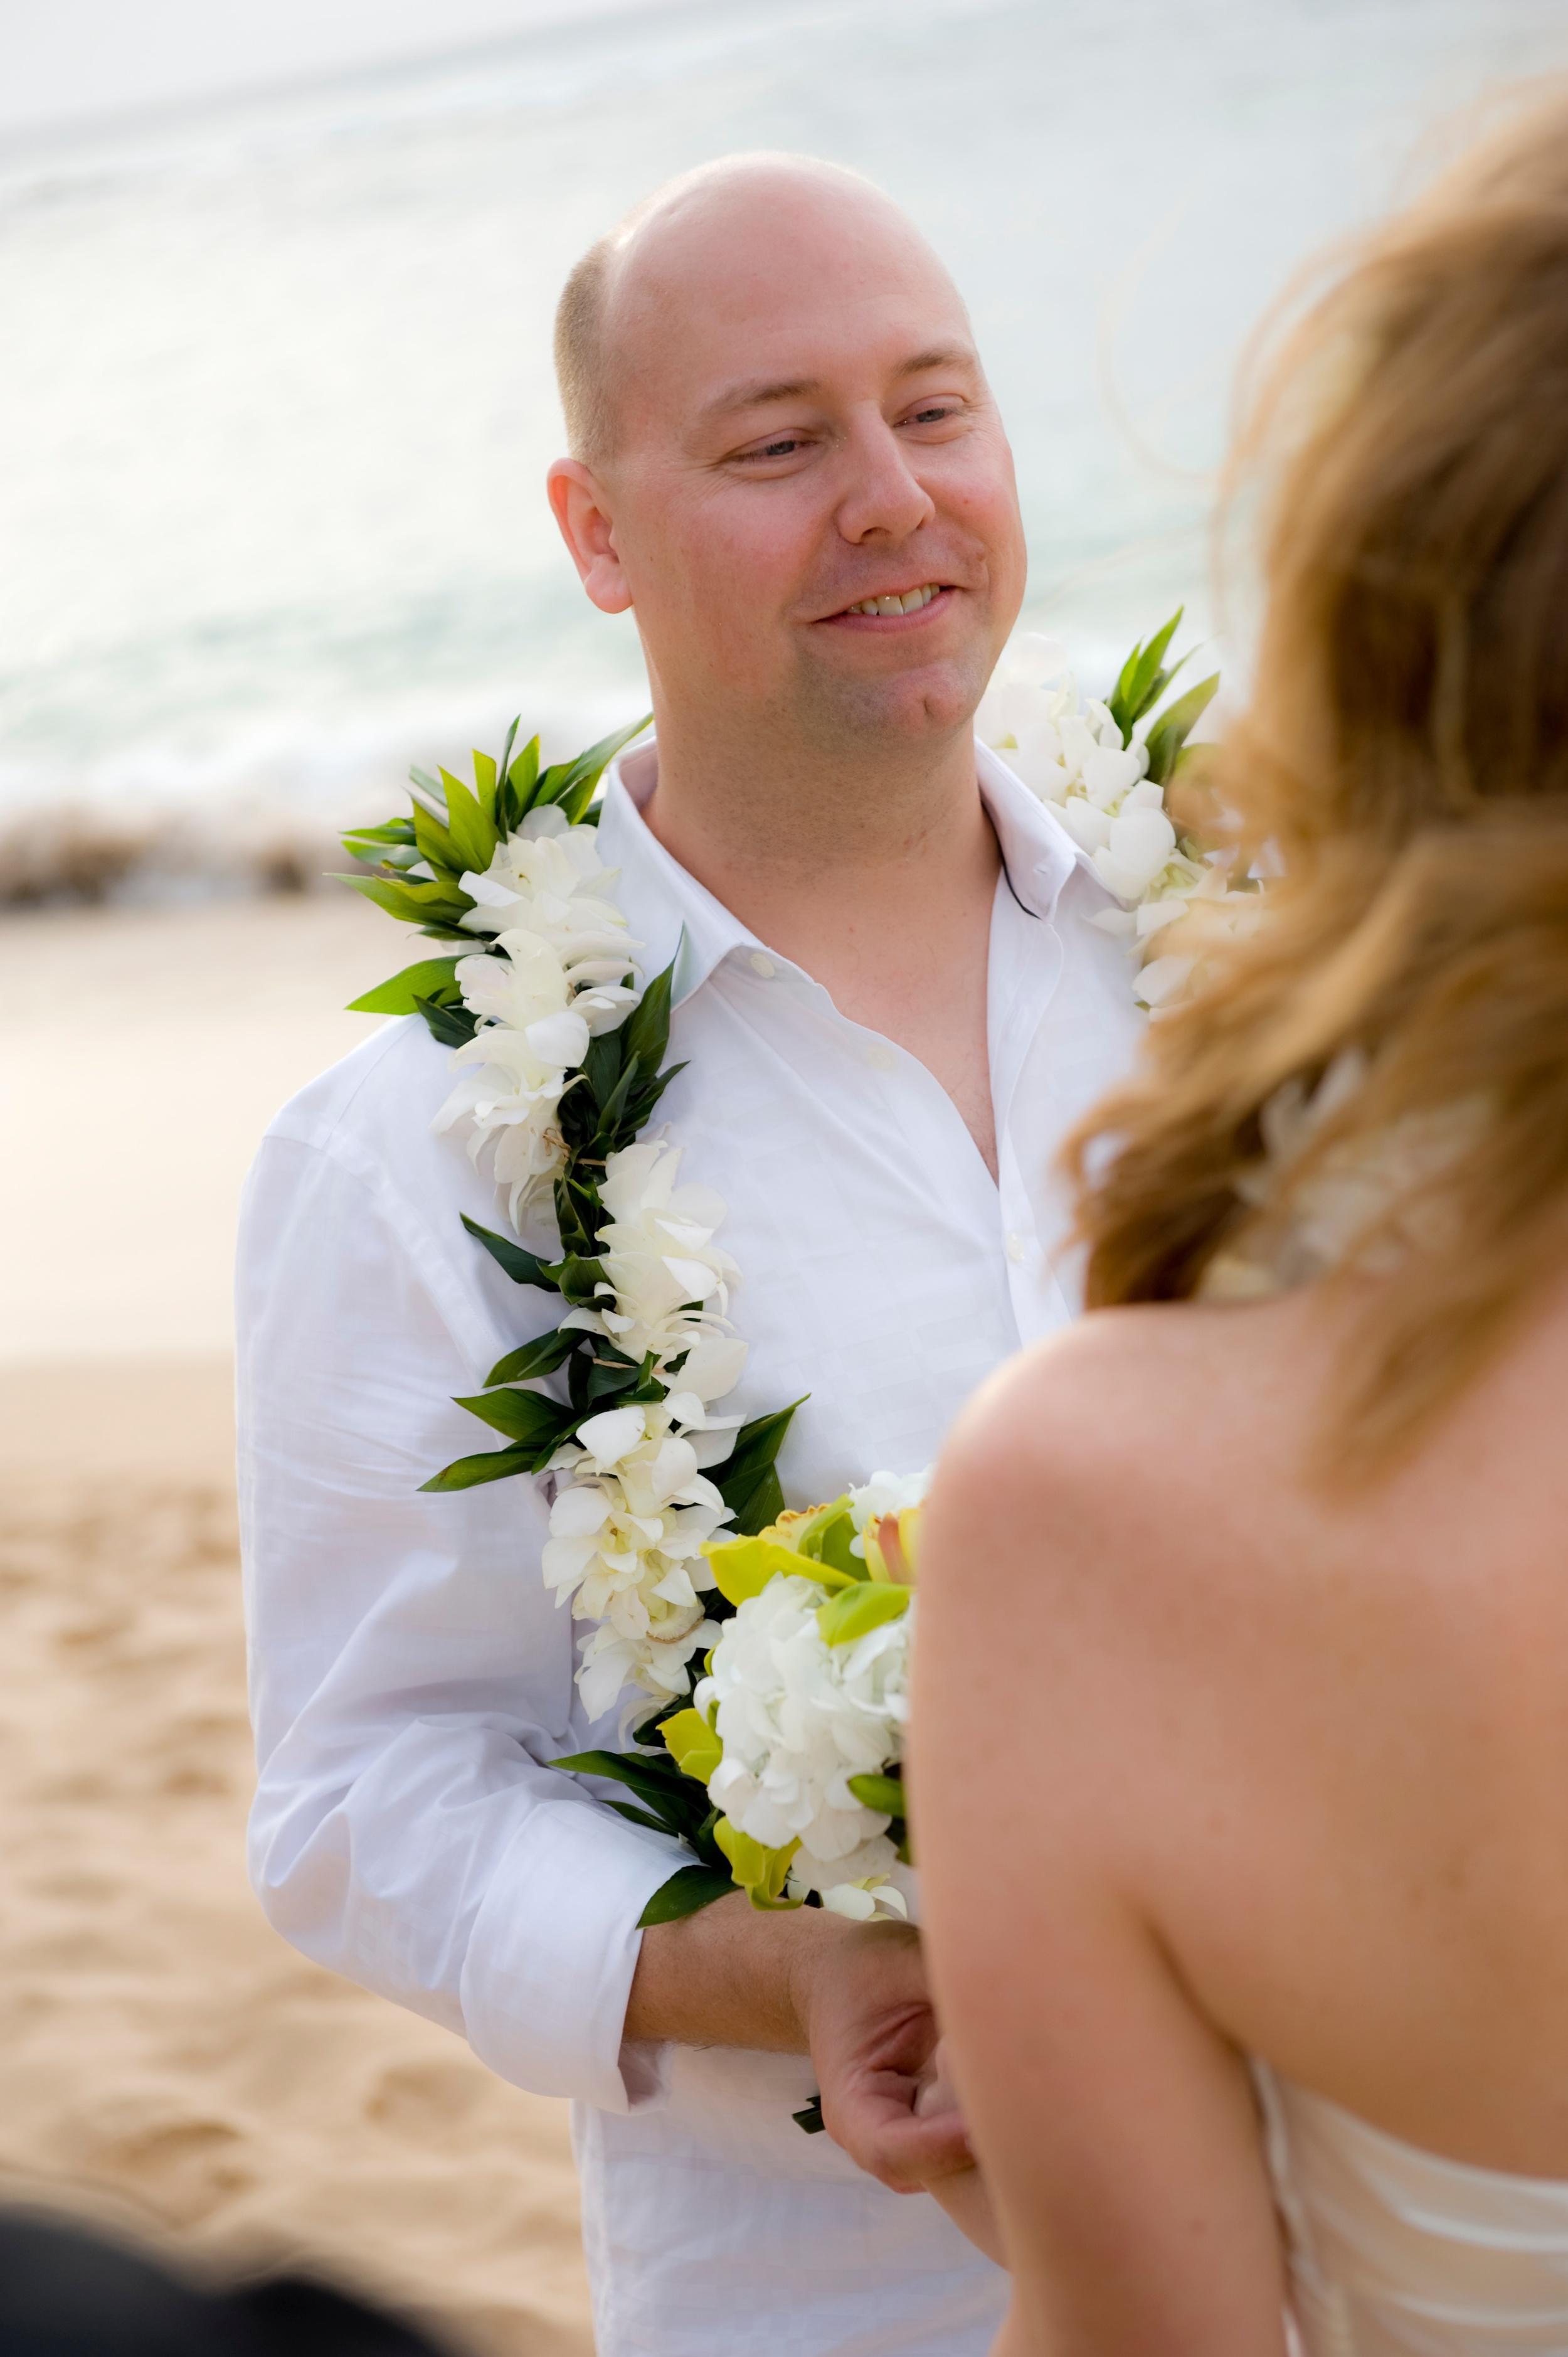 Wedding++31696-1852471803-O.jpg